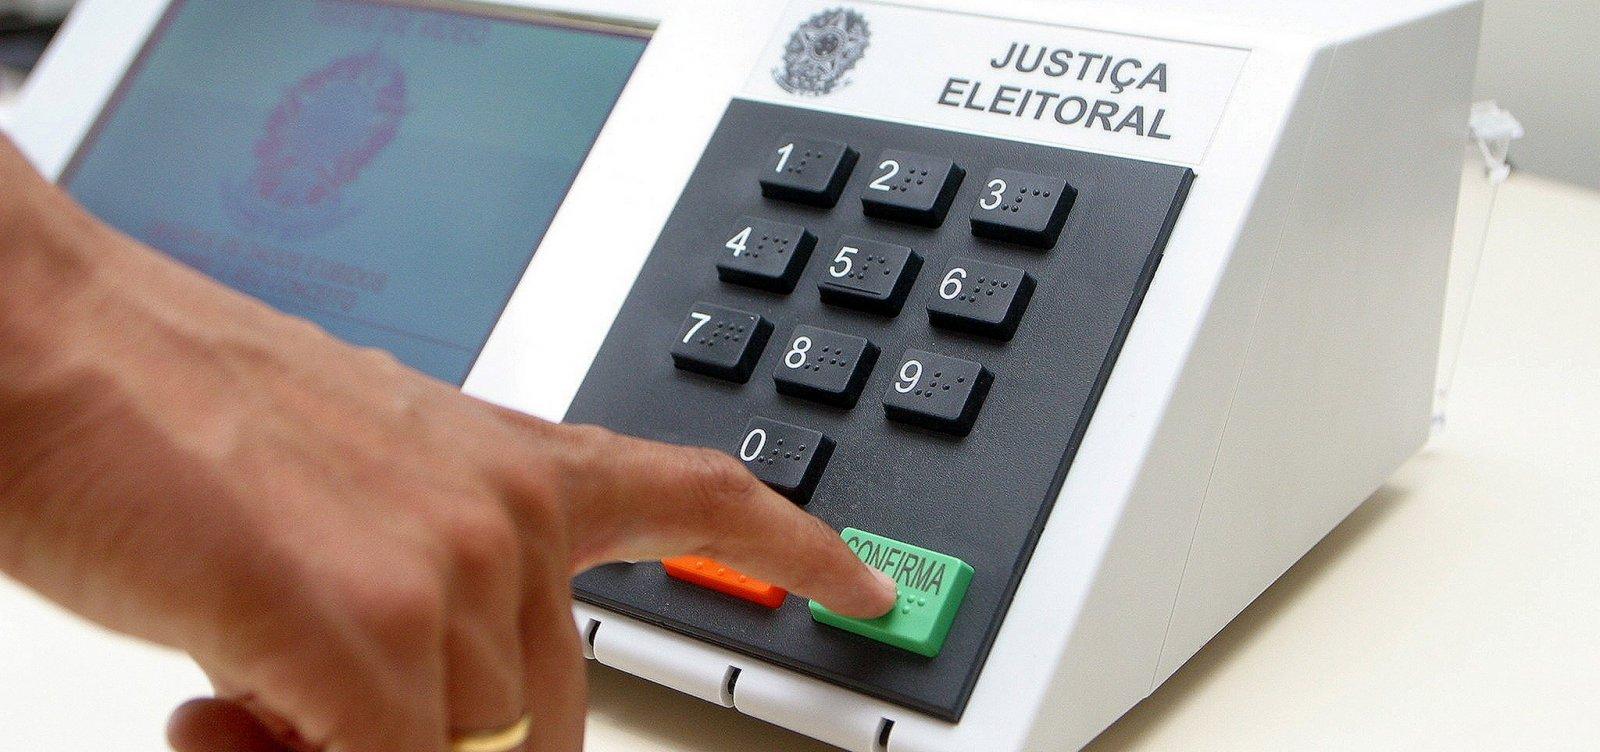 [Cúpula do Judiciário garante confiança em urnas eletrônicas]